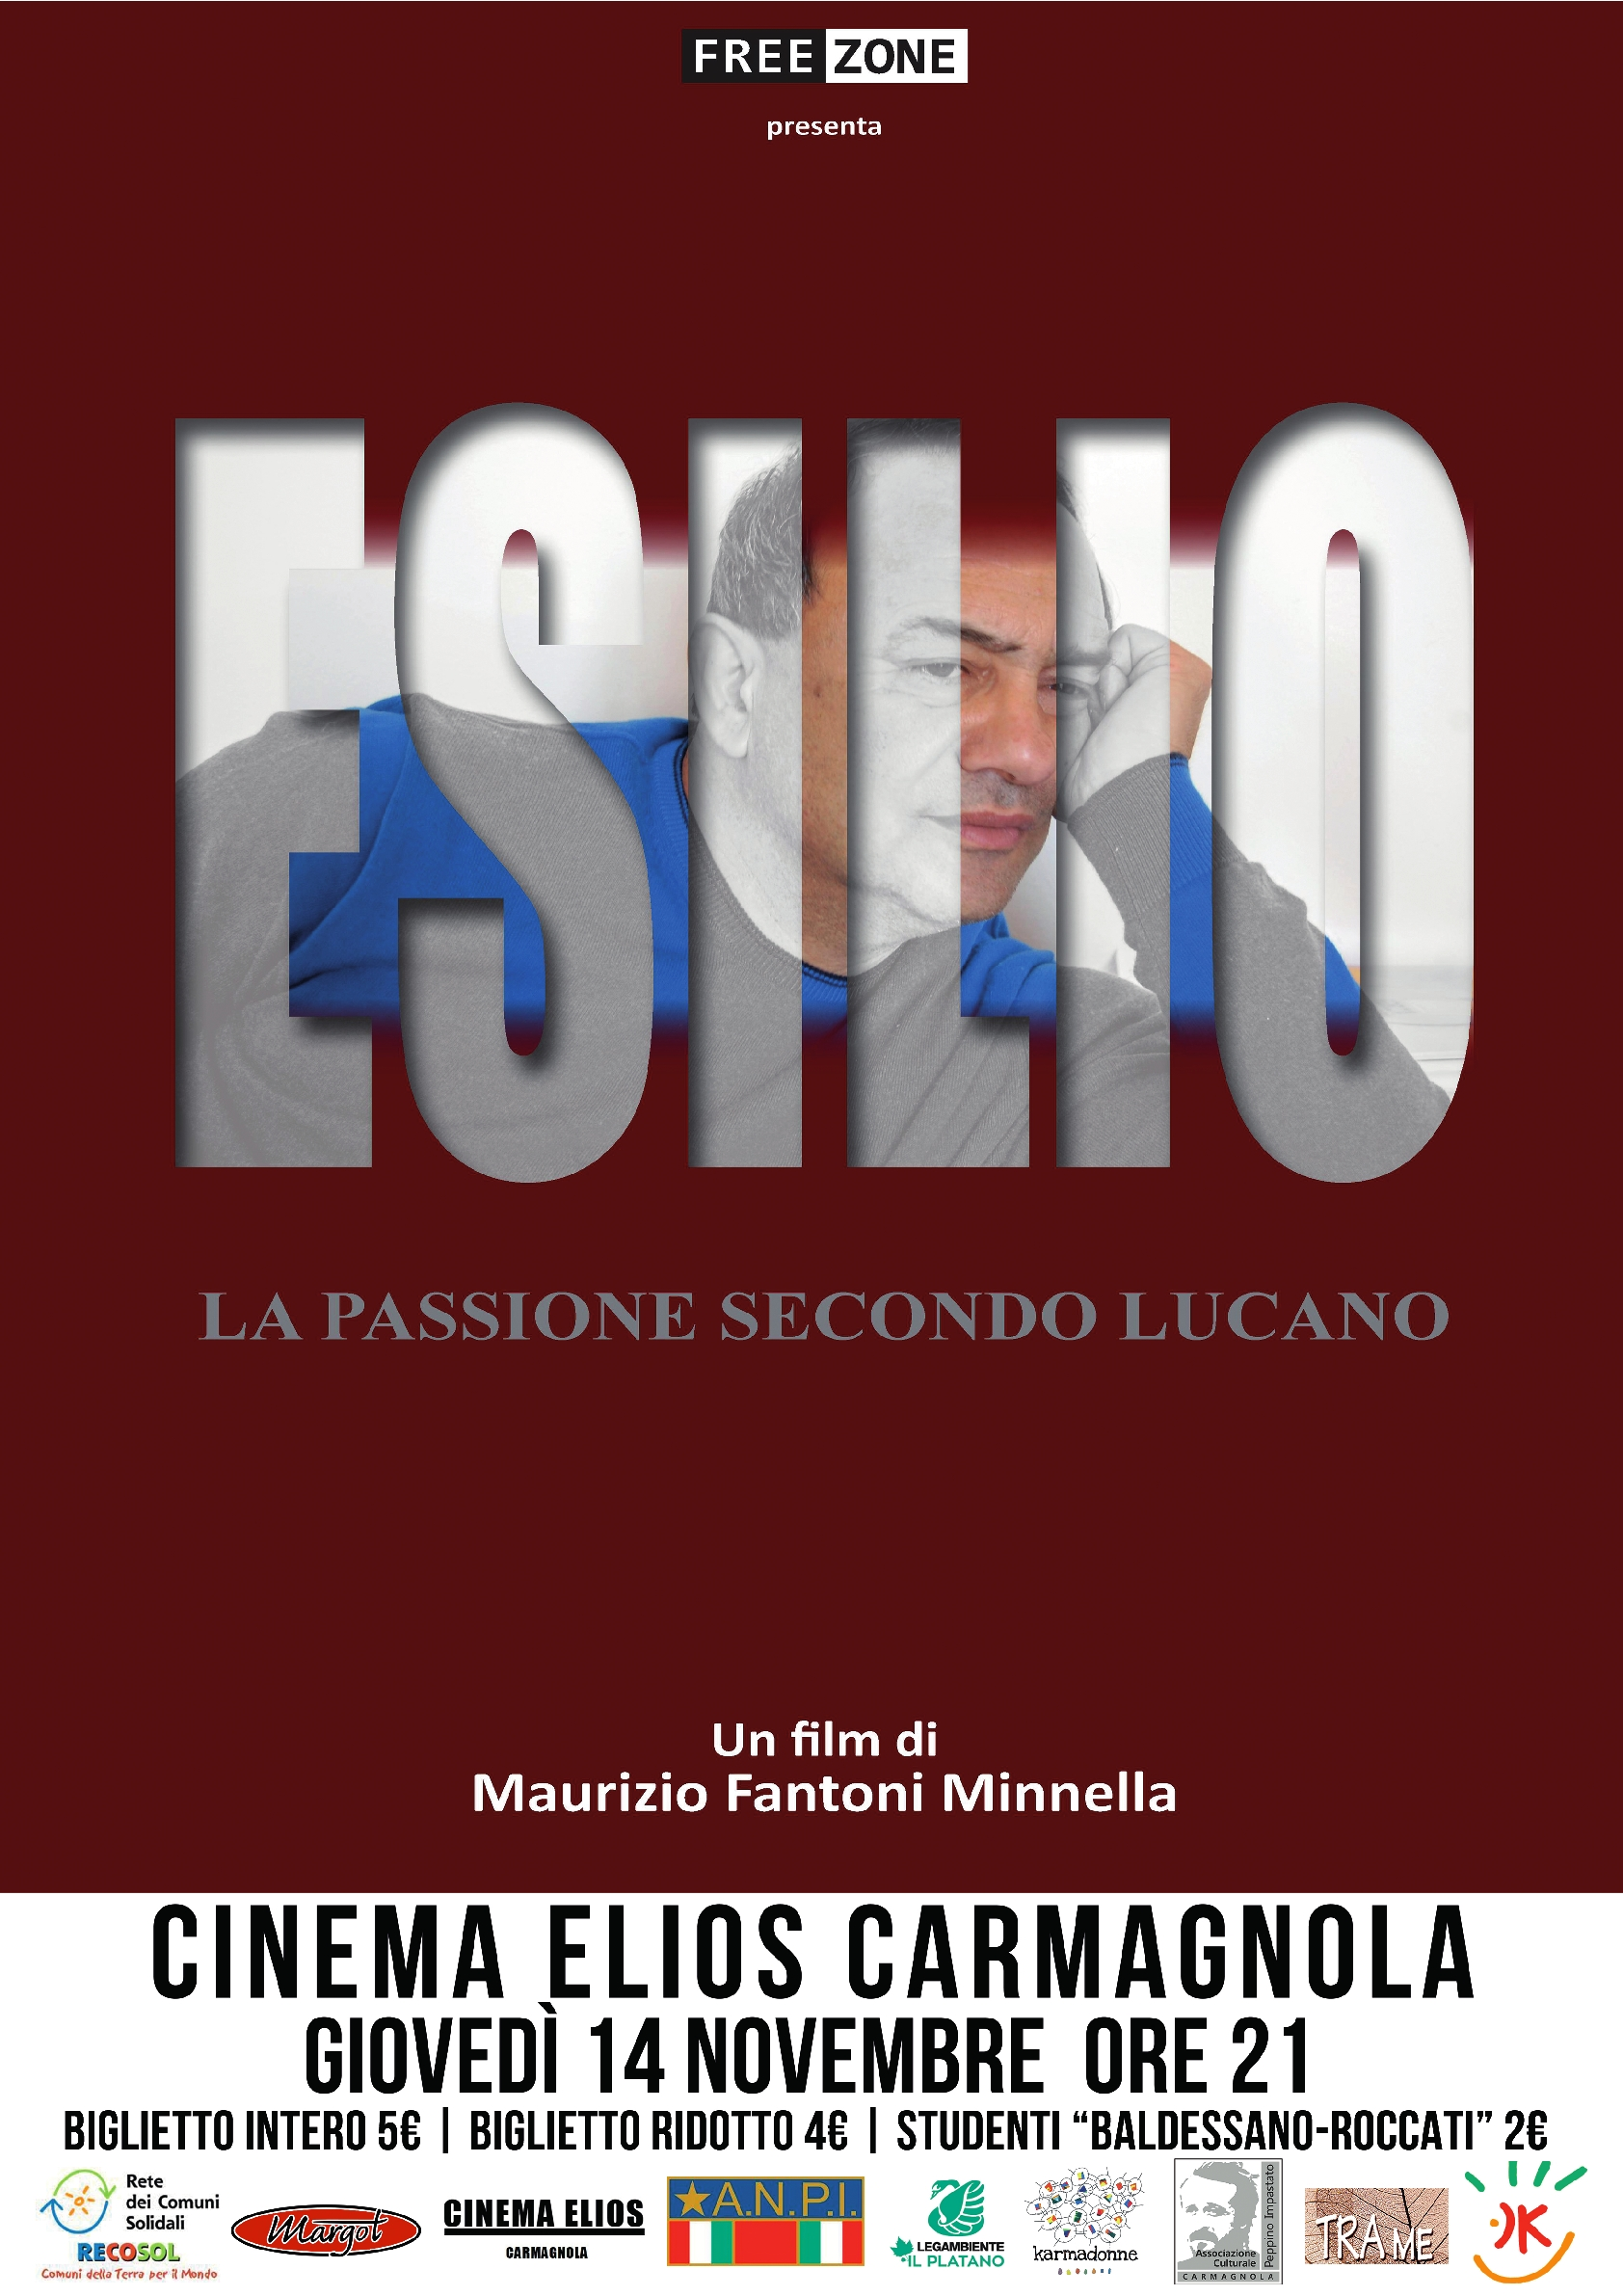 esilio-passione secondo Lucano1